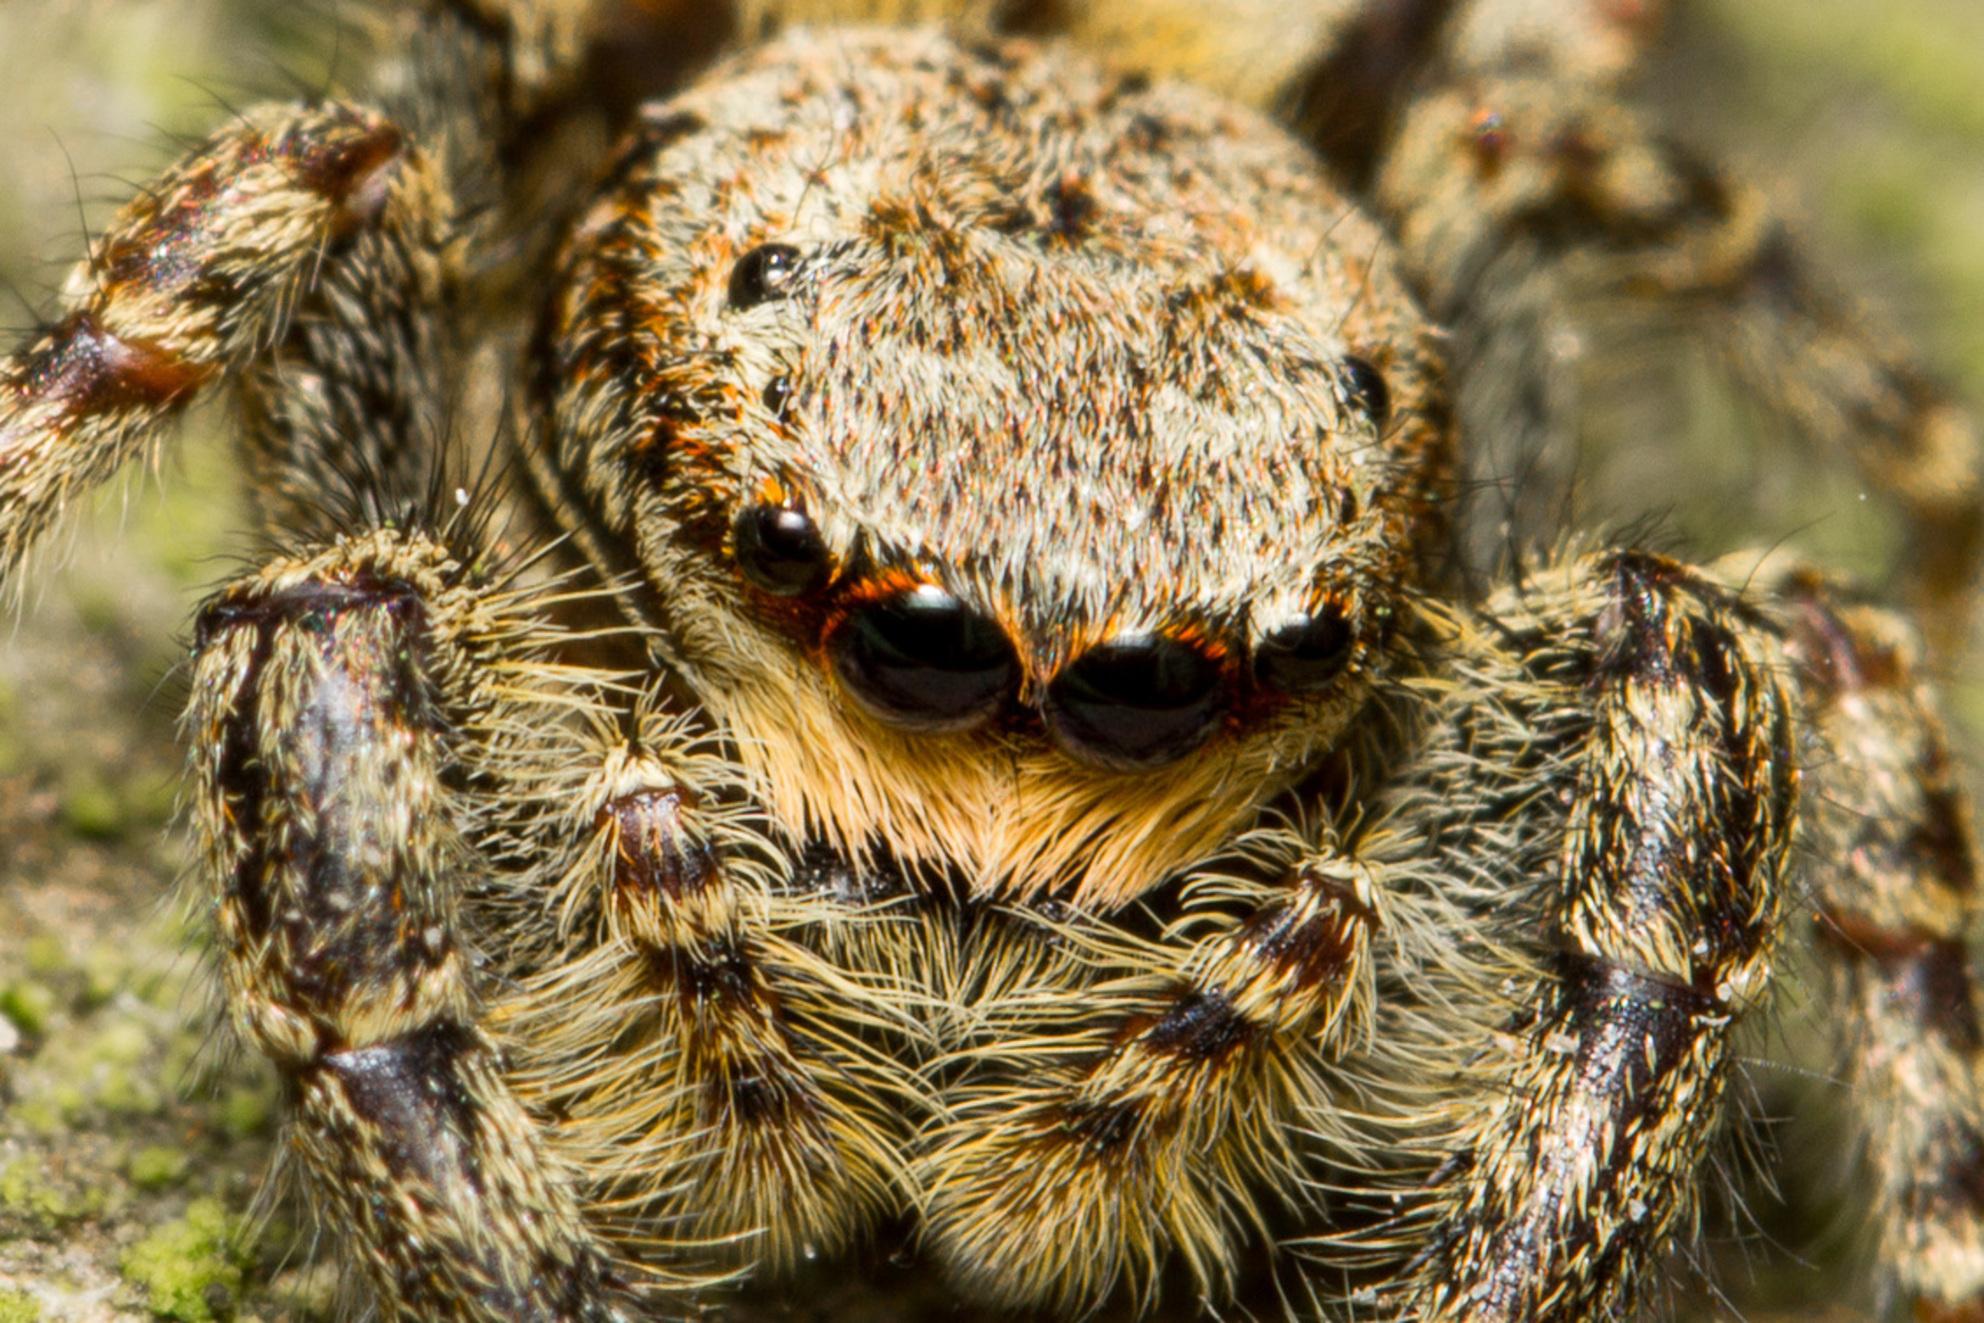 Portret springspin - close-up van een springspin die zat te zonnen in mijn tuin. (Dat mag, maar ik maak wel foto's) - foto door martin-60 op 30-04-2017 - deze foto bevat: macro, zon, lente, natuur, spin, bruin, tuin, insect - Deze foto mag gebruikt worden in een Zoom.nl publicatie